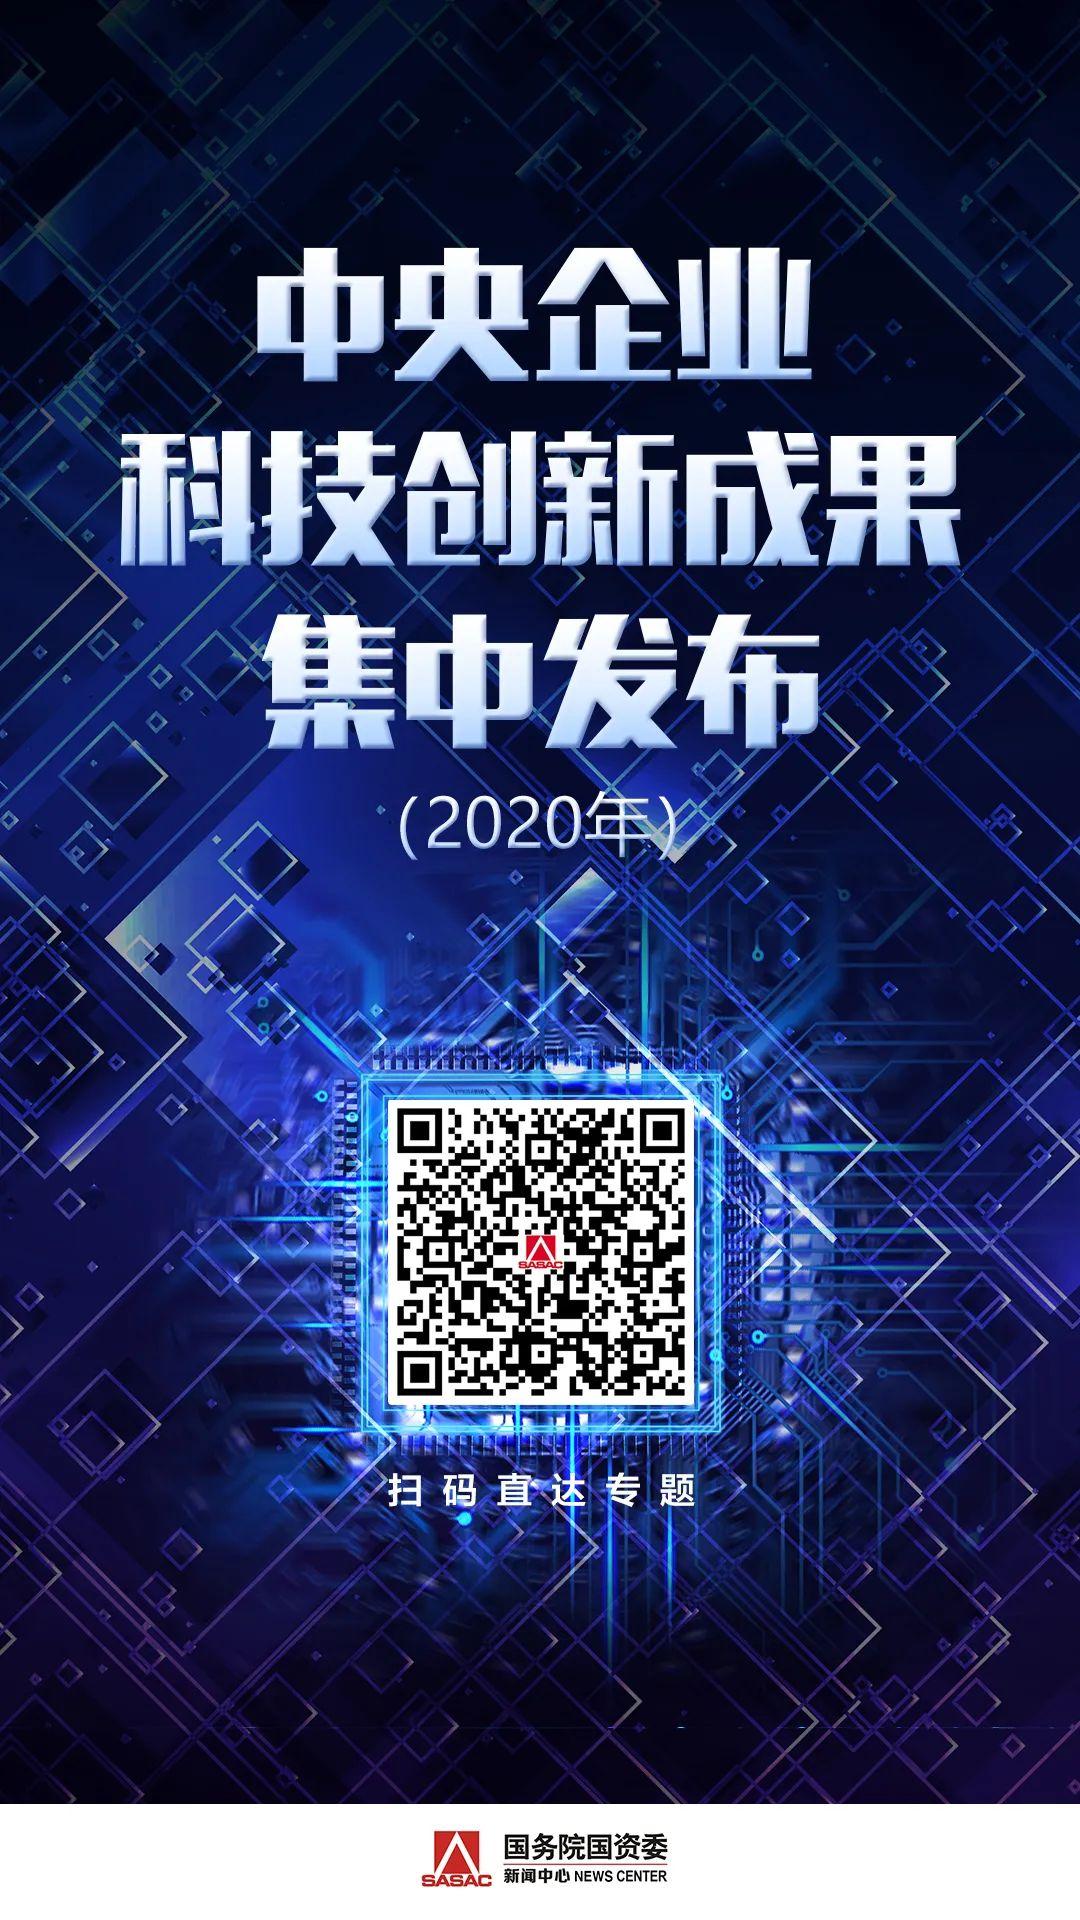 国资委发布《中央企业科技创新成果推荐目录(2020年版)》